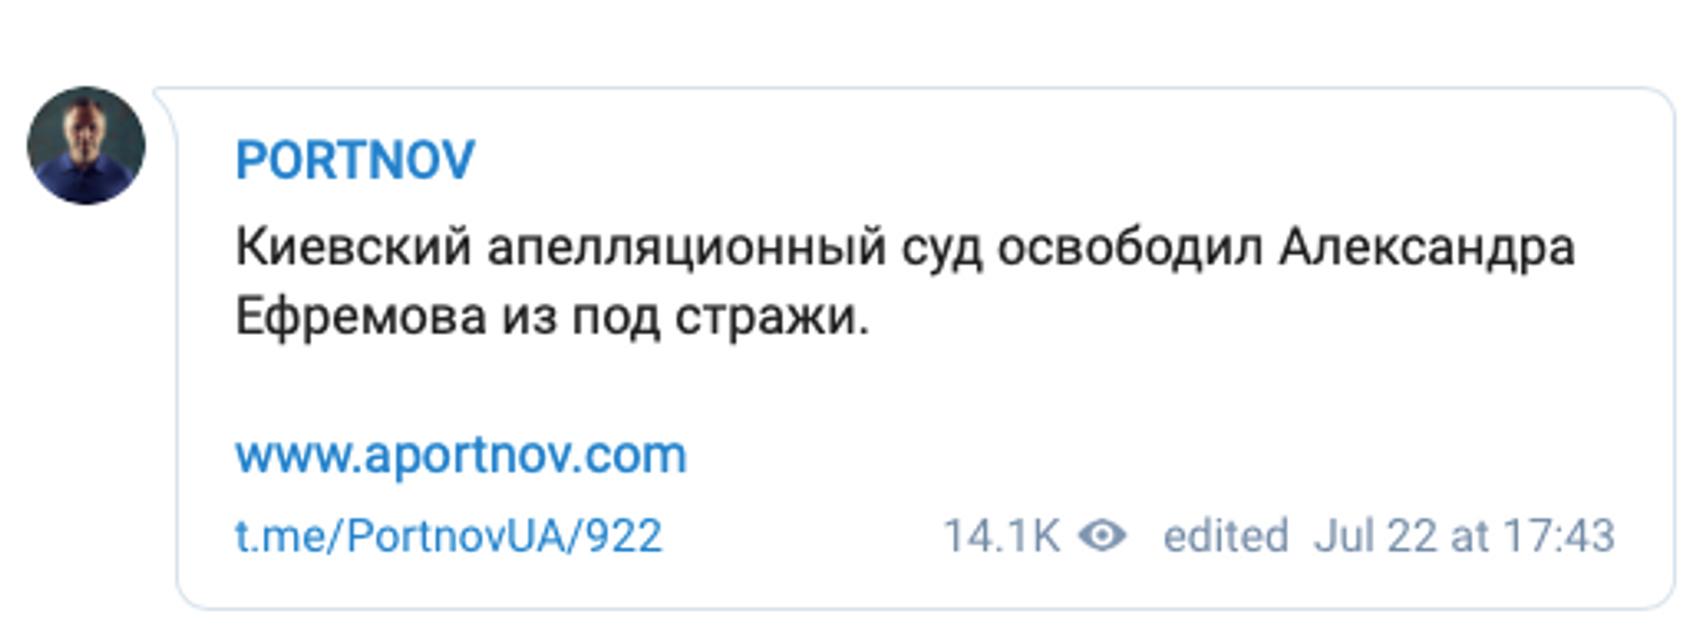 Ефремов вышел из тюрьмы: Что происходит - фото 184715